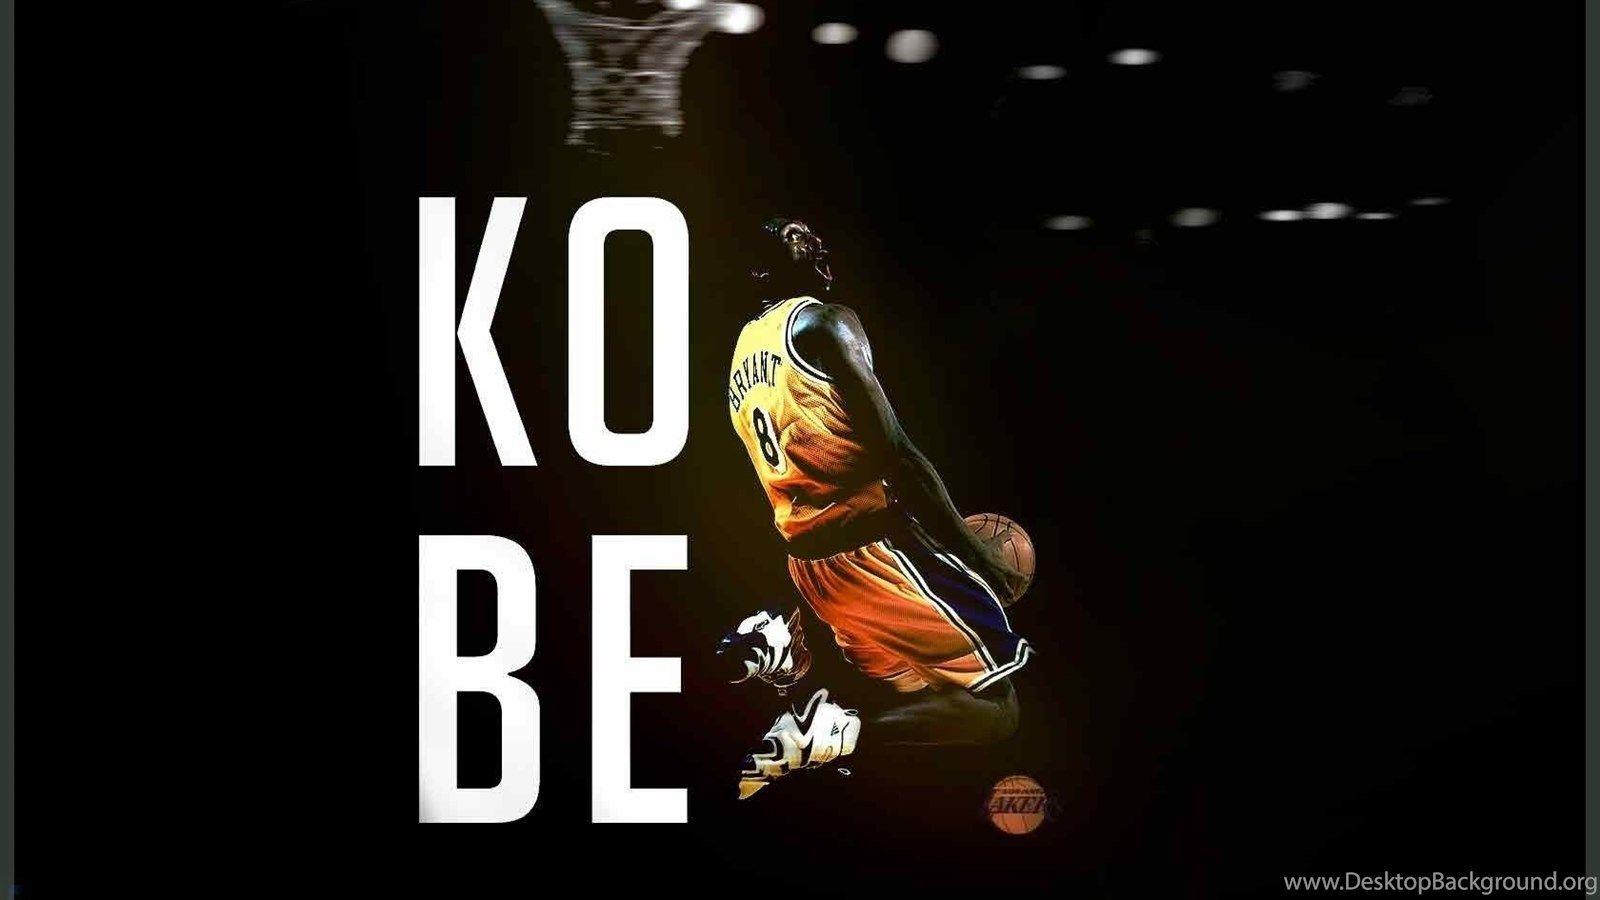 Black Mamba Kobe Wallpapers On Wallpaperdog